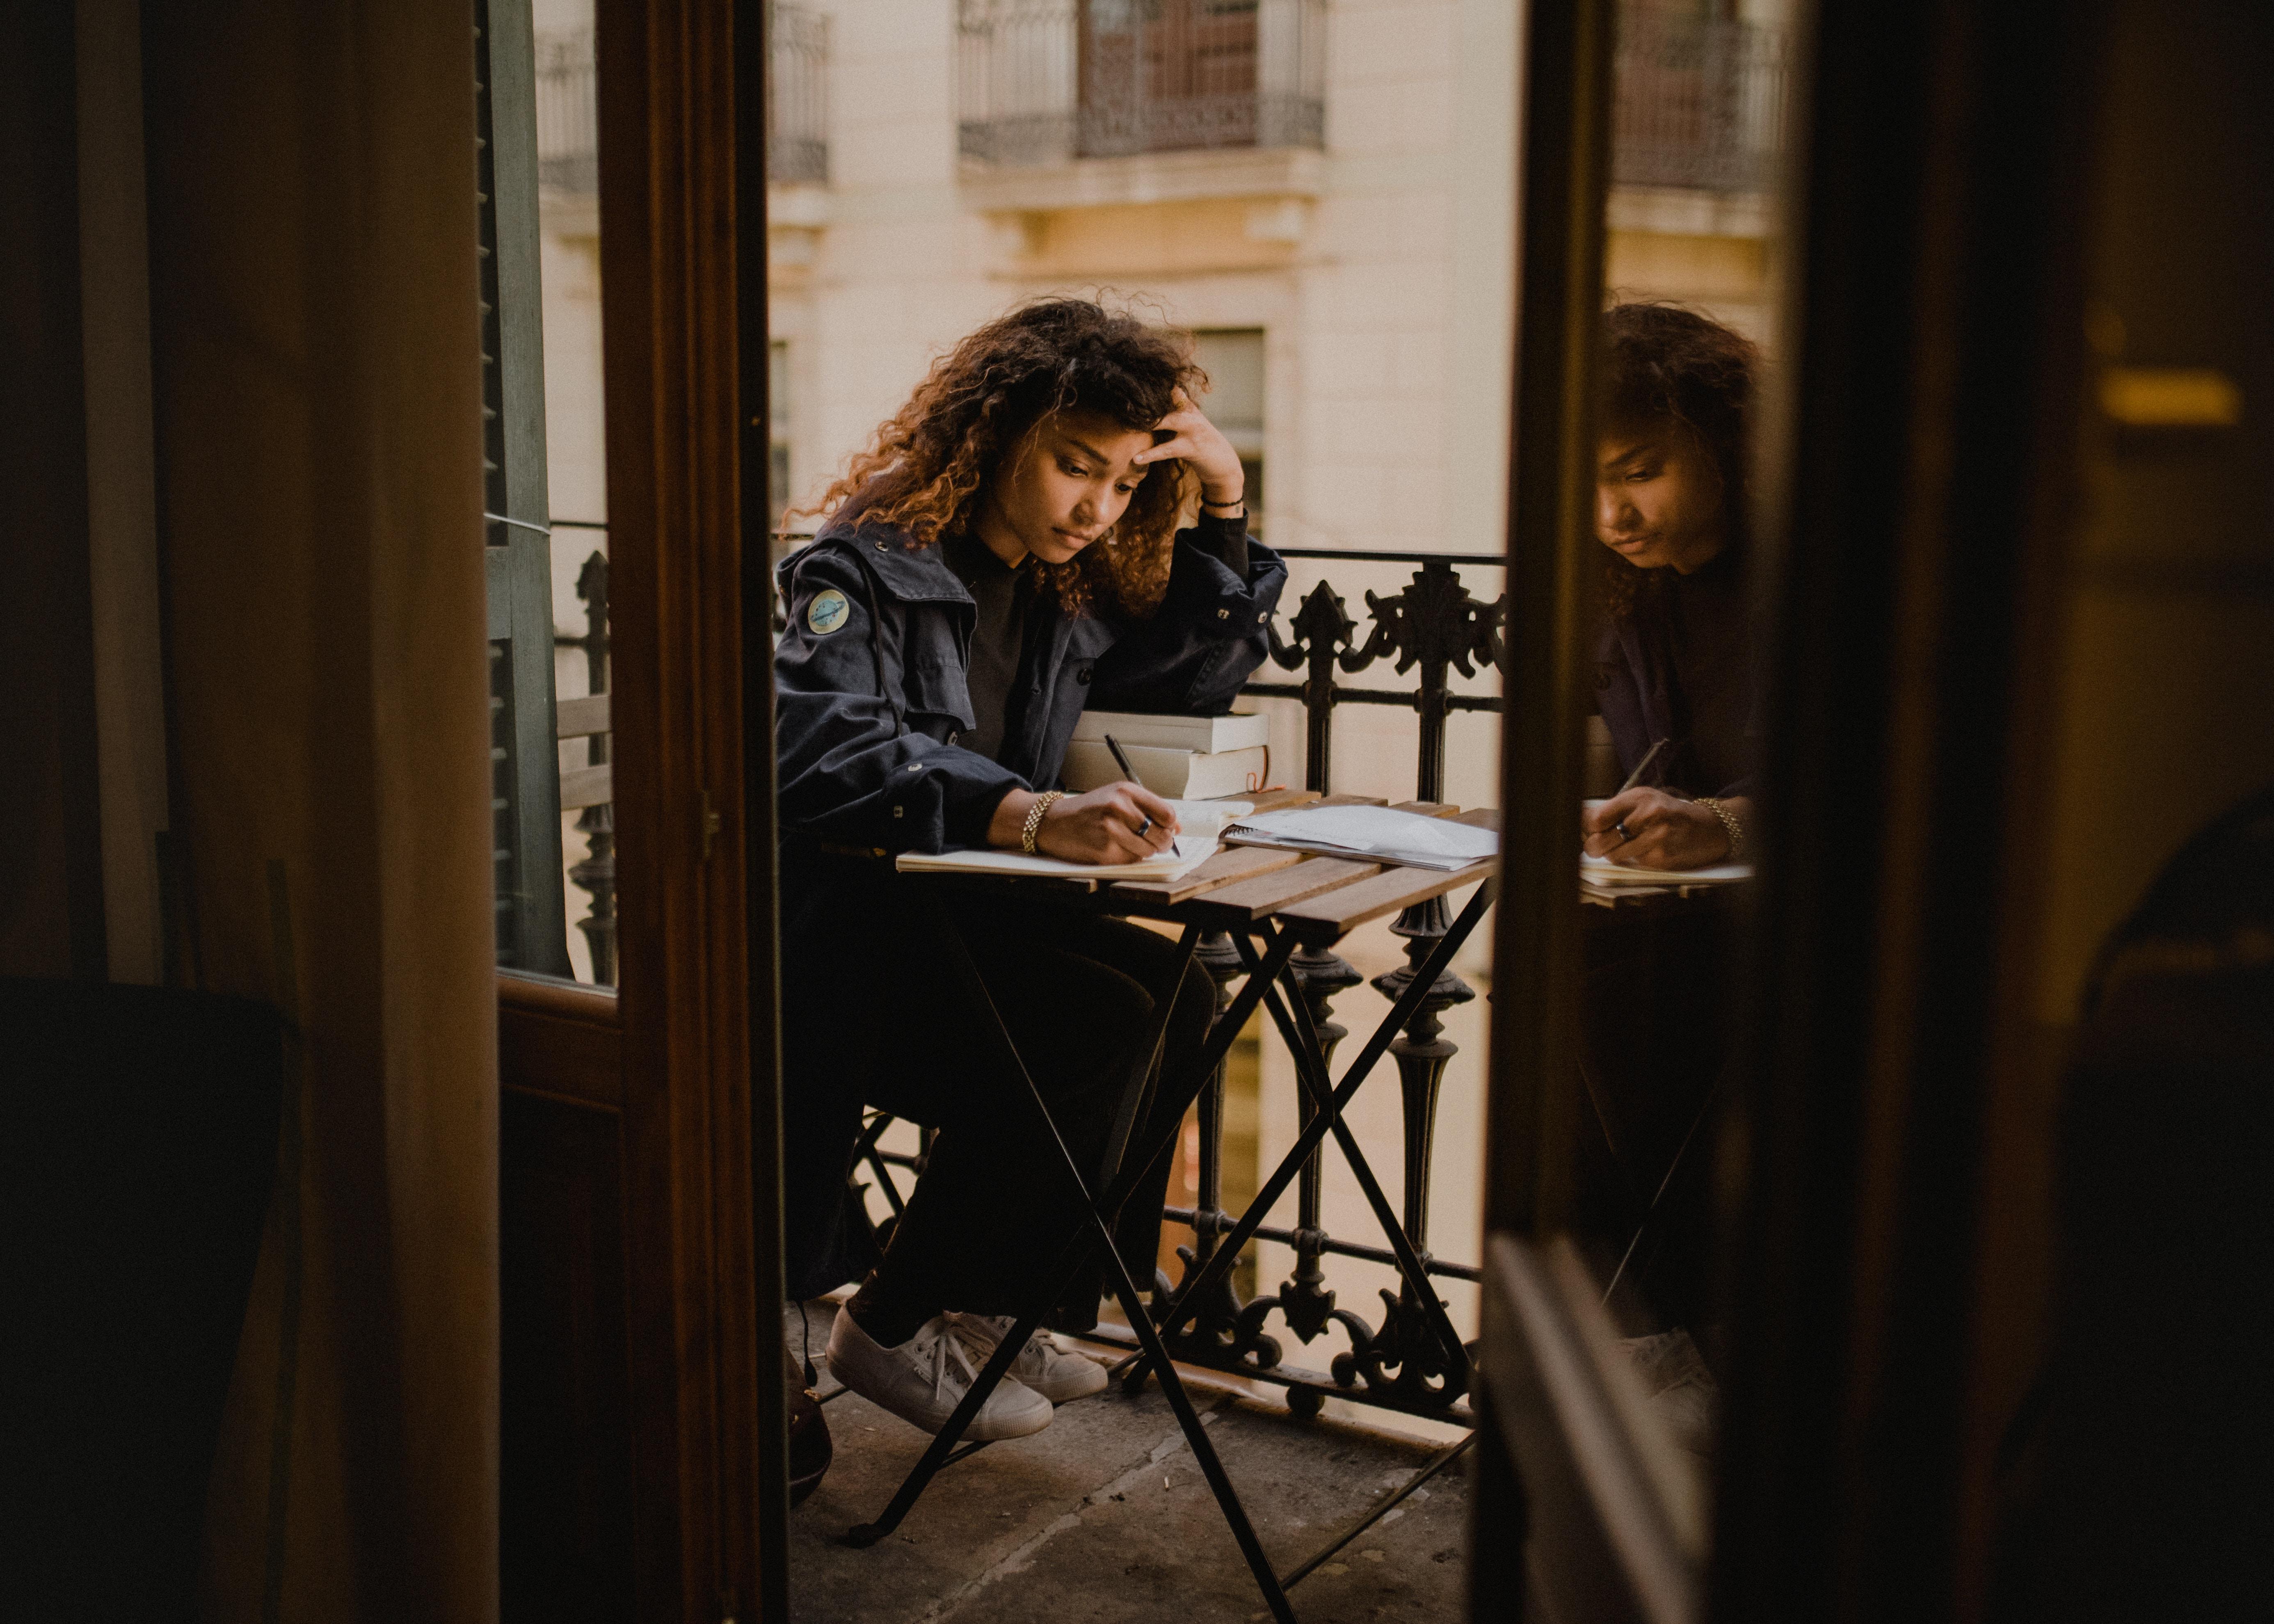 熱心に勉強する少女